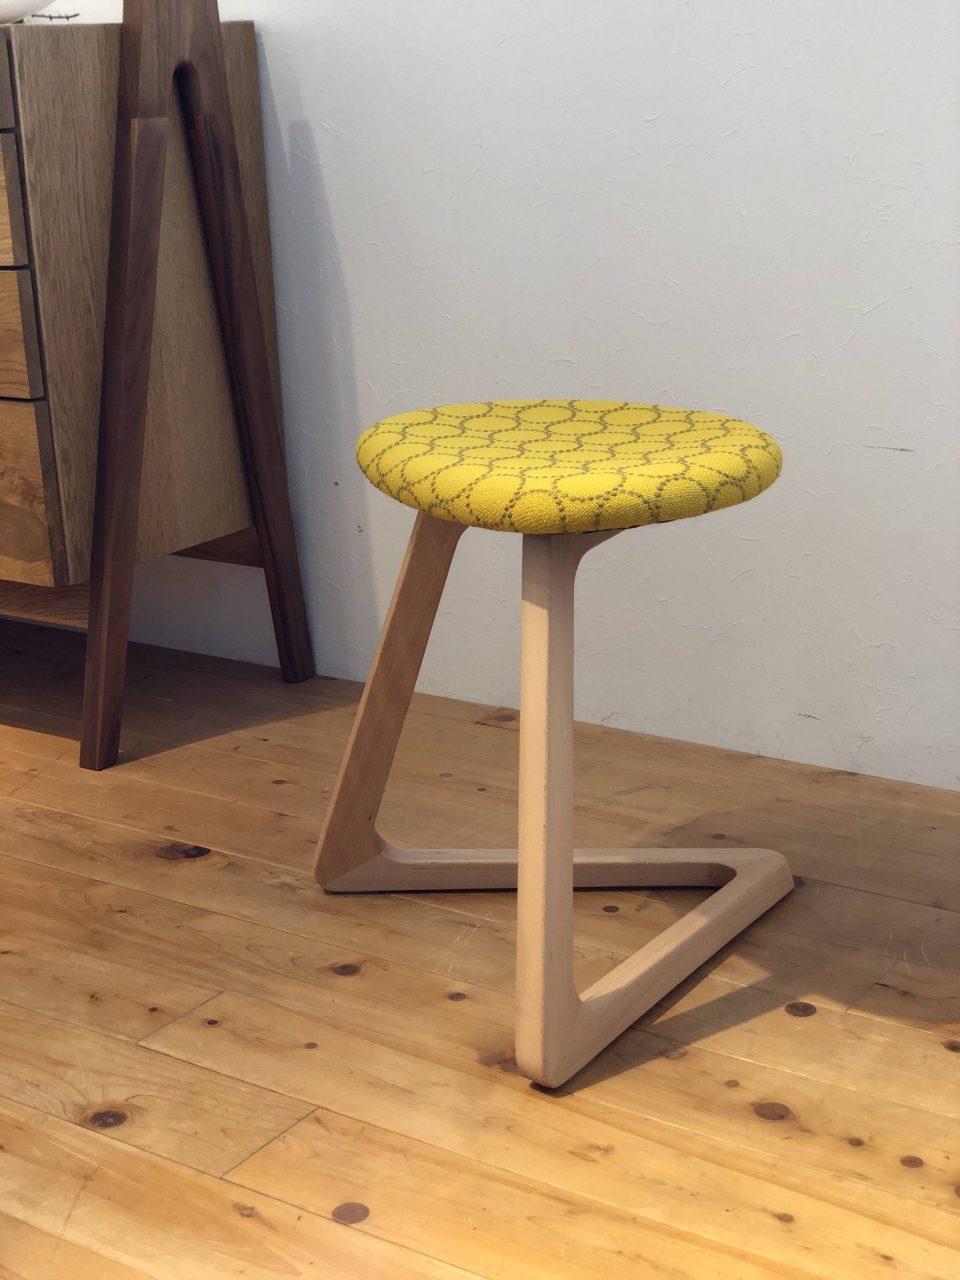 宮崎椅子製作所のTRIスツールにミナペルフォネンの黄色のタンバリンハリングダルを張りました